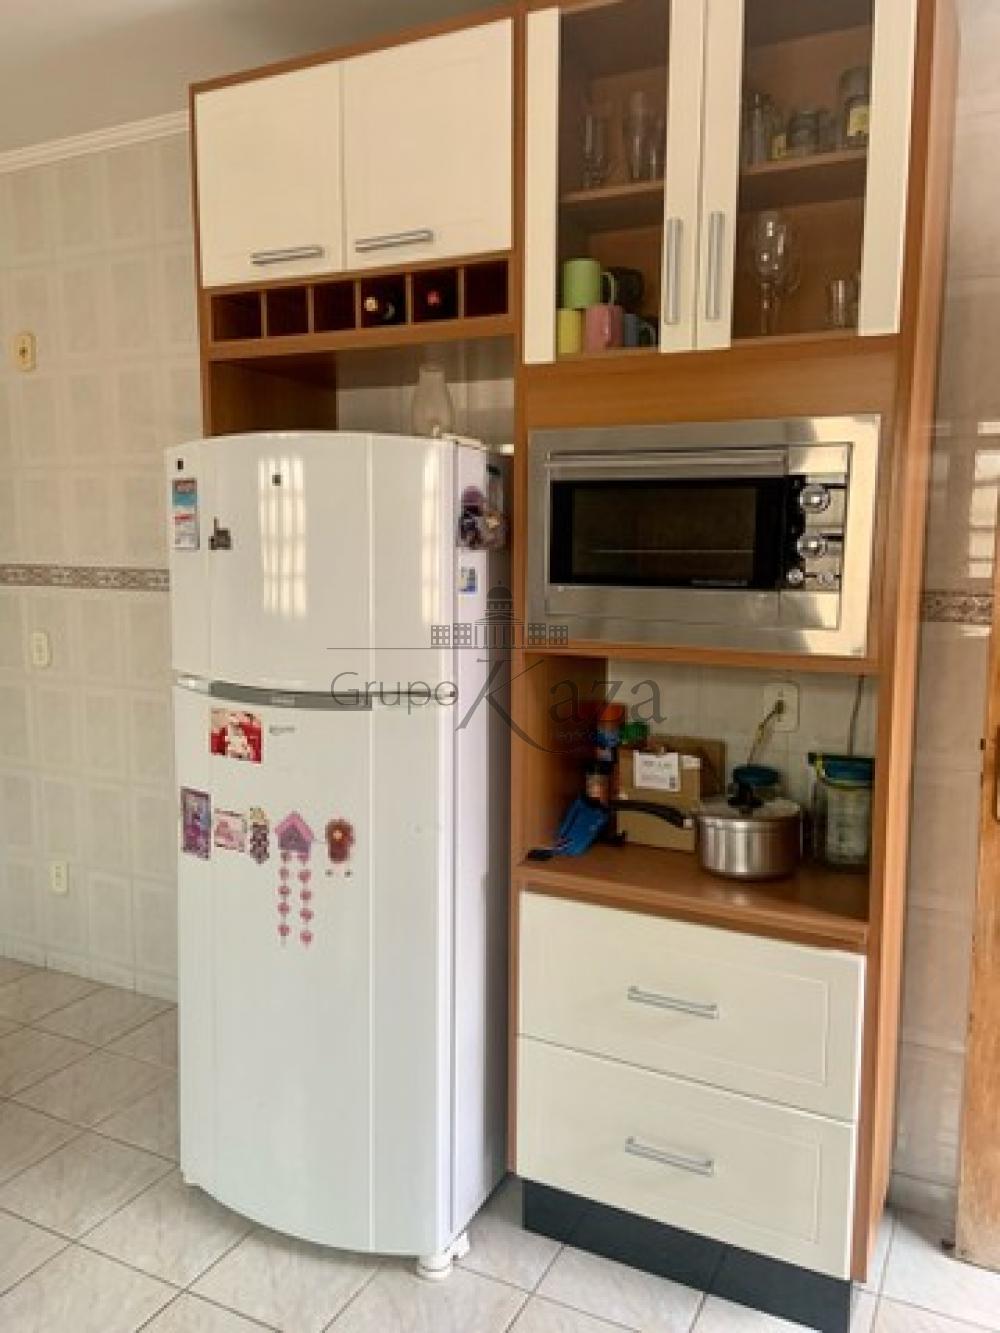 Comprar Casa / Geminada em São José dos Campos R$ 748.000,00 - Foto 2